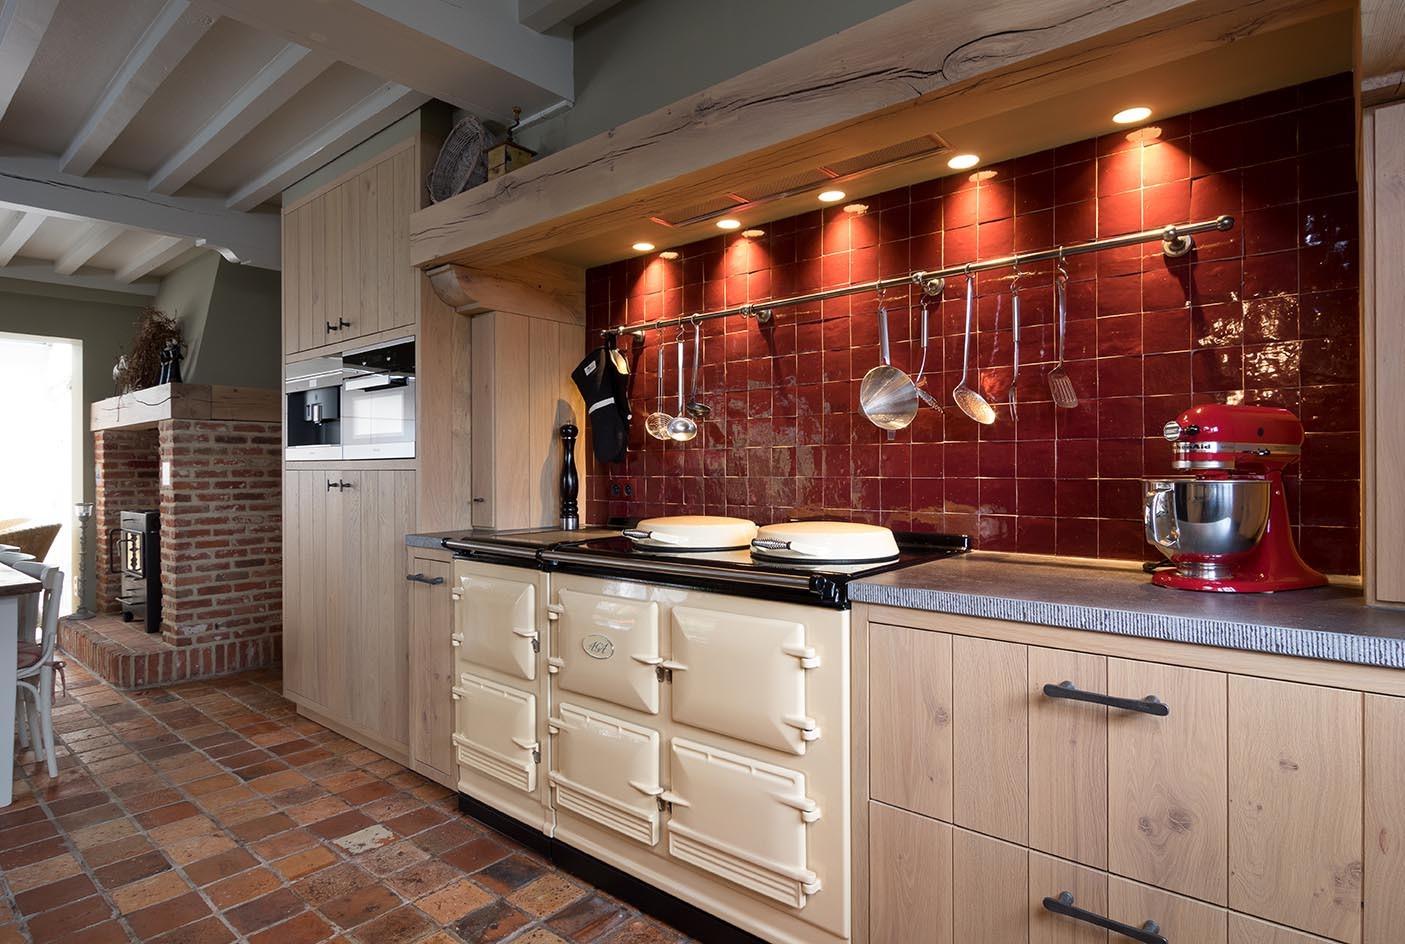 Retro Design Keuken : Massief eiken retro keuken op maat de bosbeke